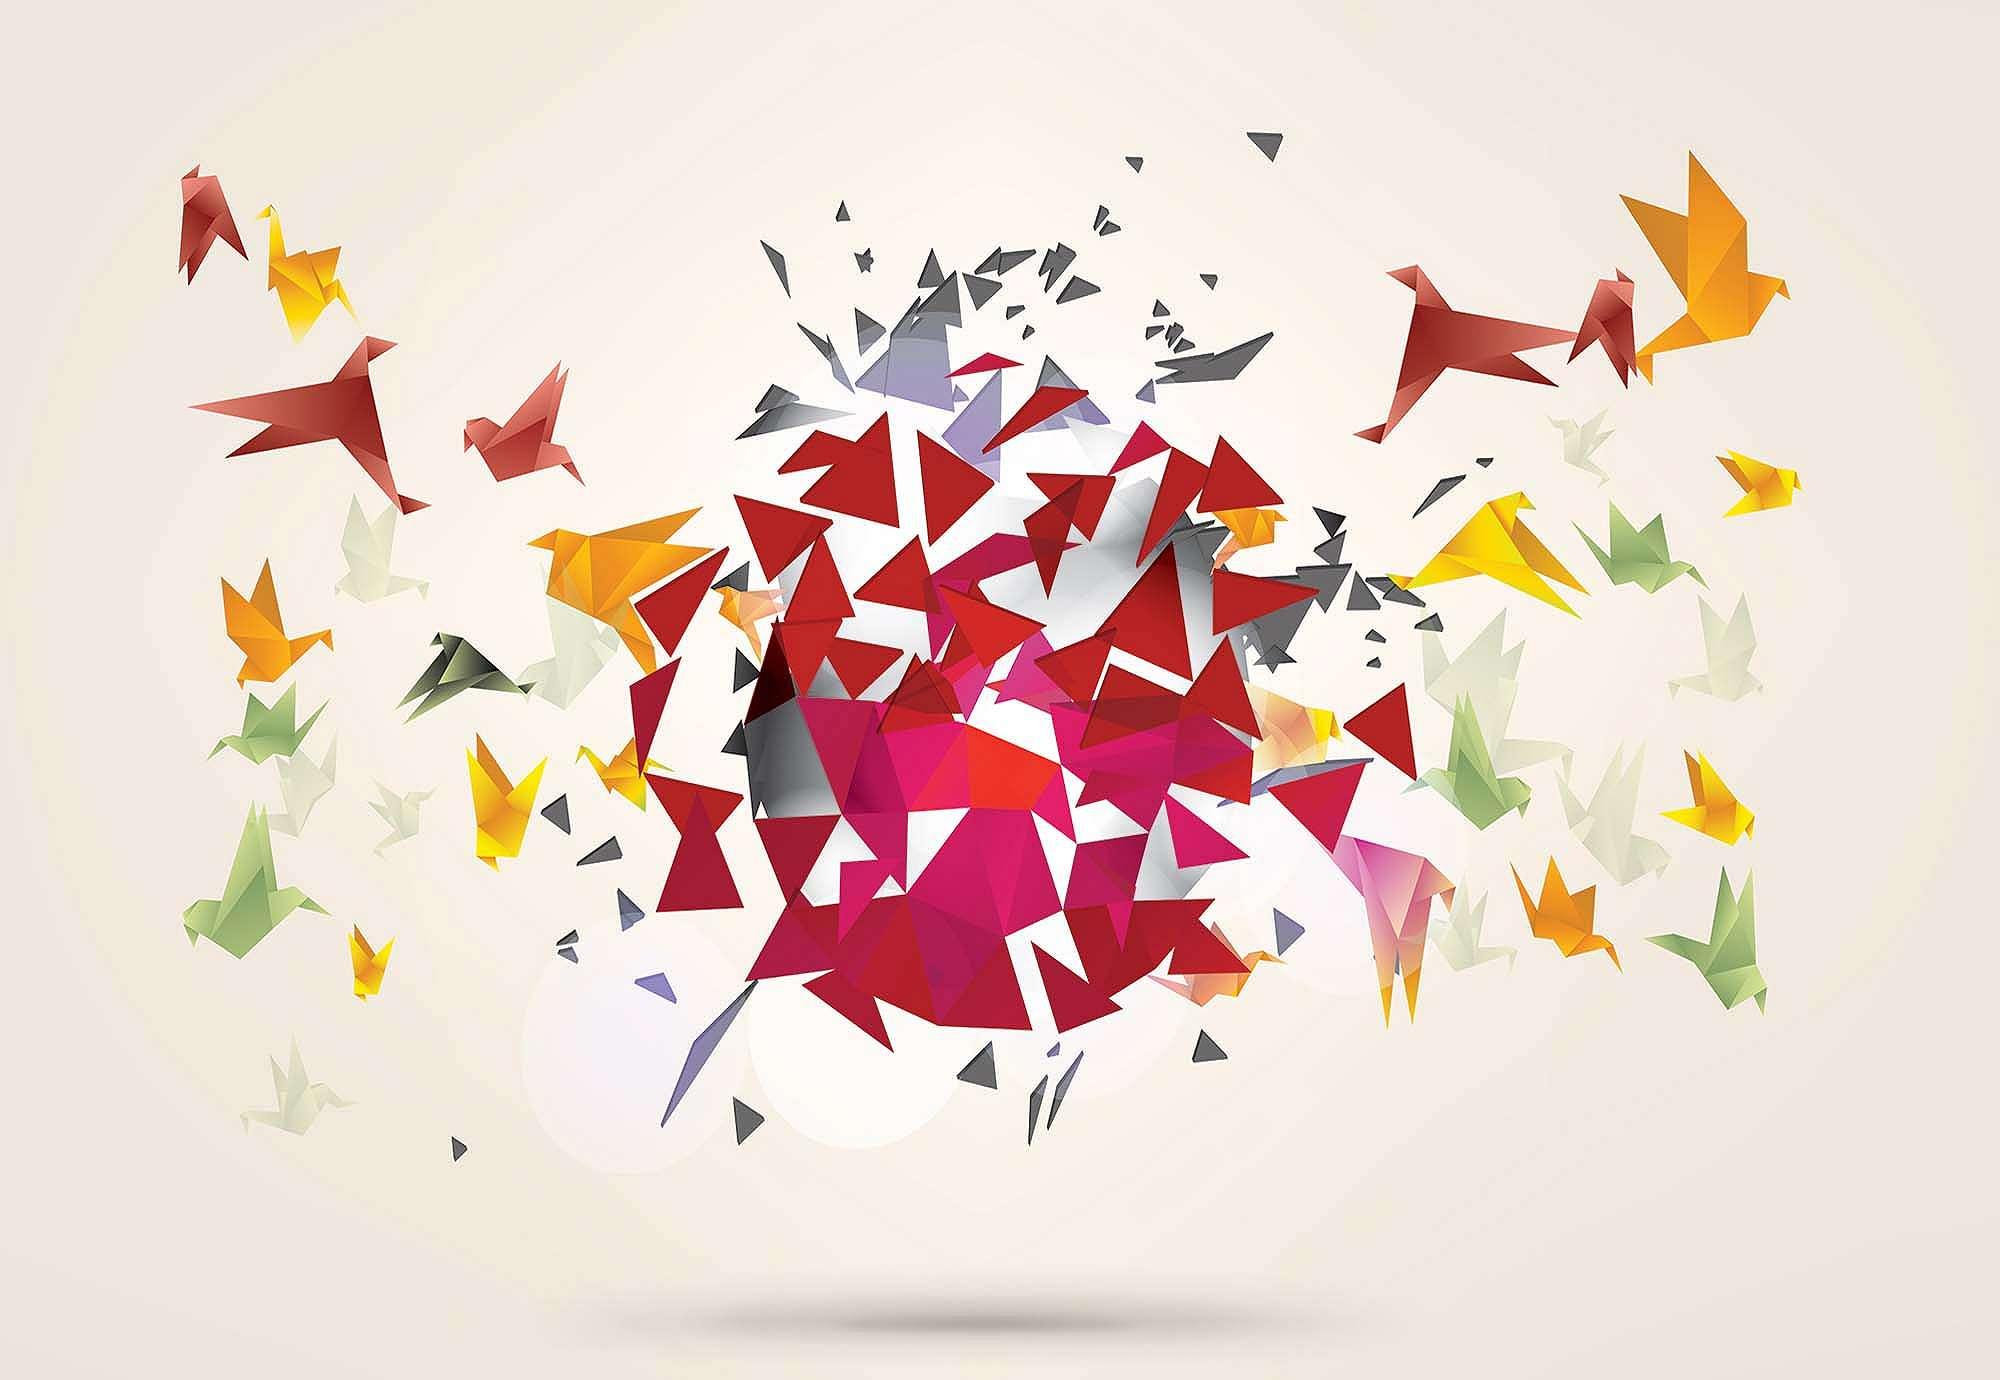 Fali poszter origami madár mintával